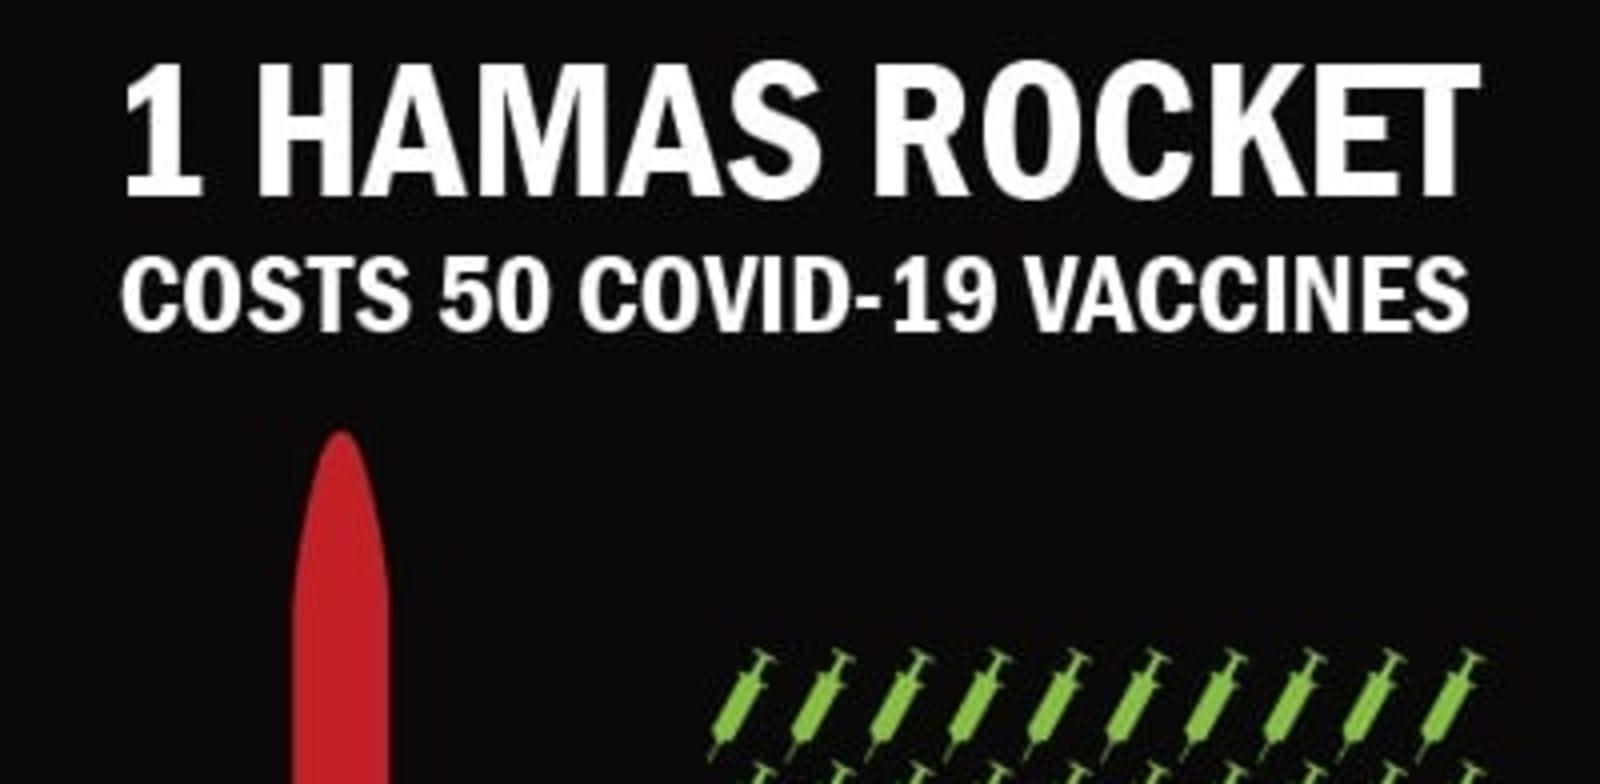 """""""טיל אחד של החמאס עולה כמו 50 חיסונים לקורונה"""" / צילום: עמוד הפייסבוק של משרד החוץ"""